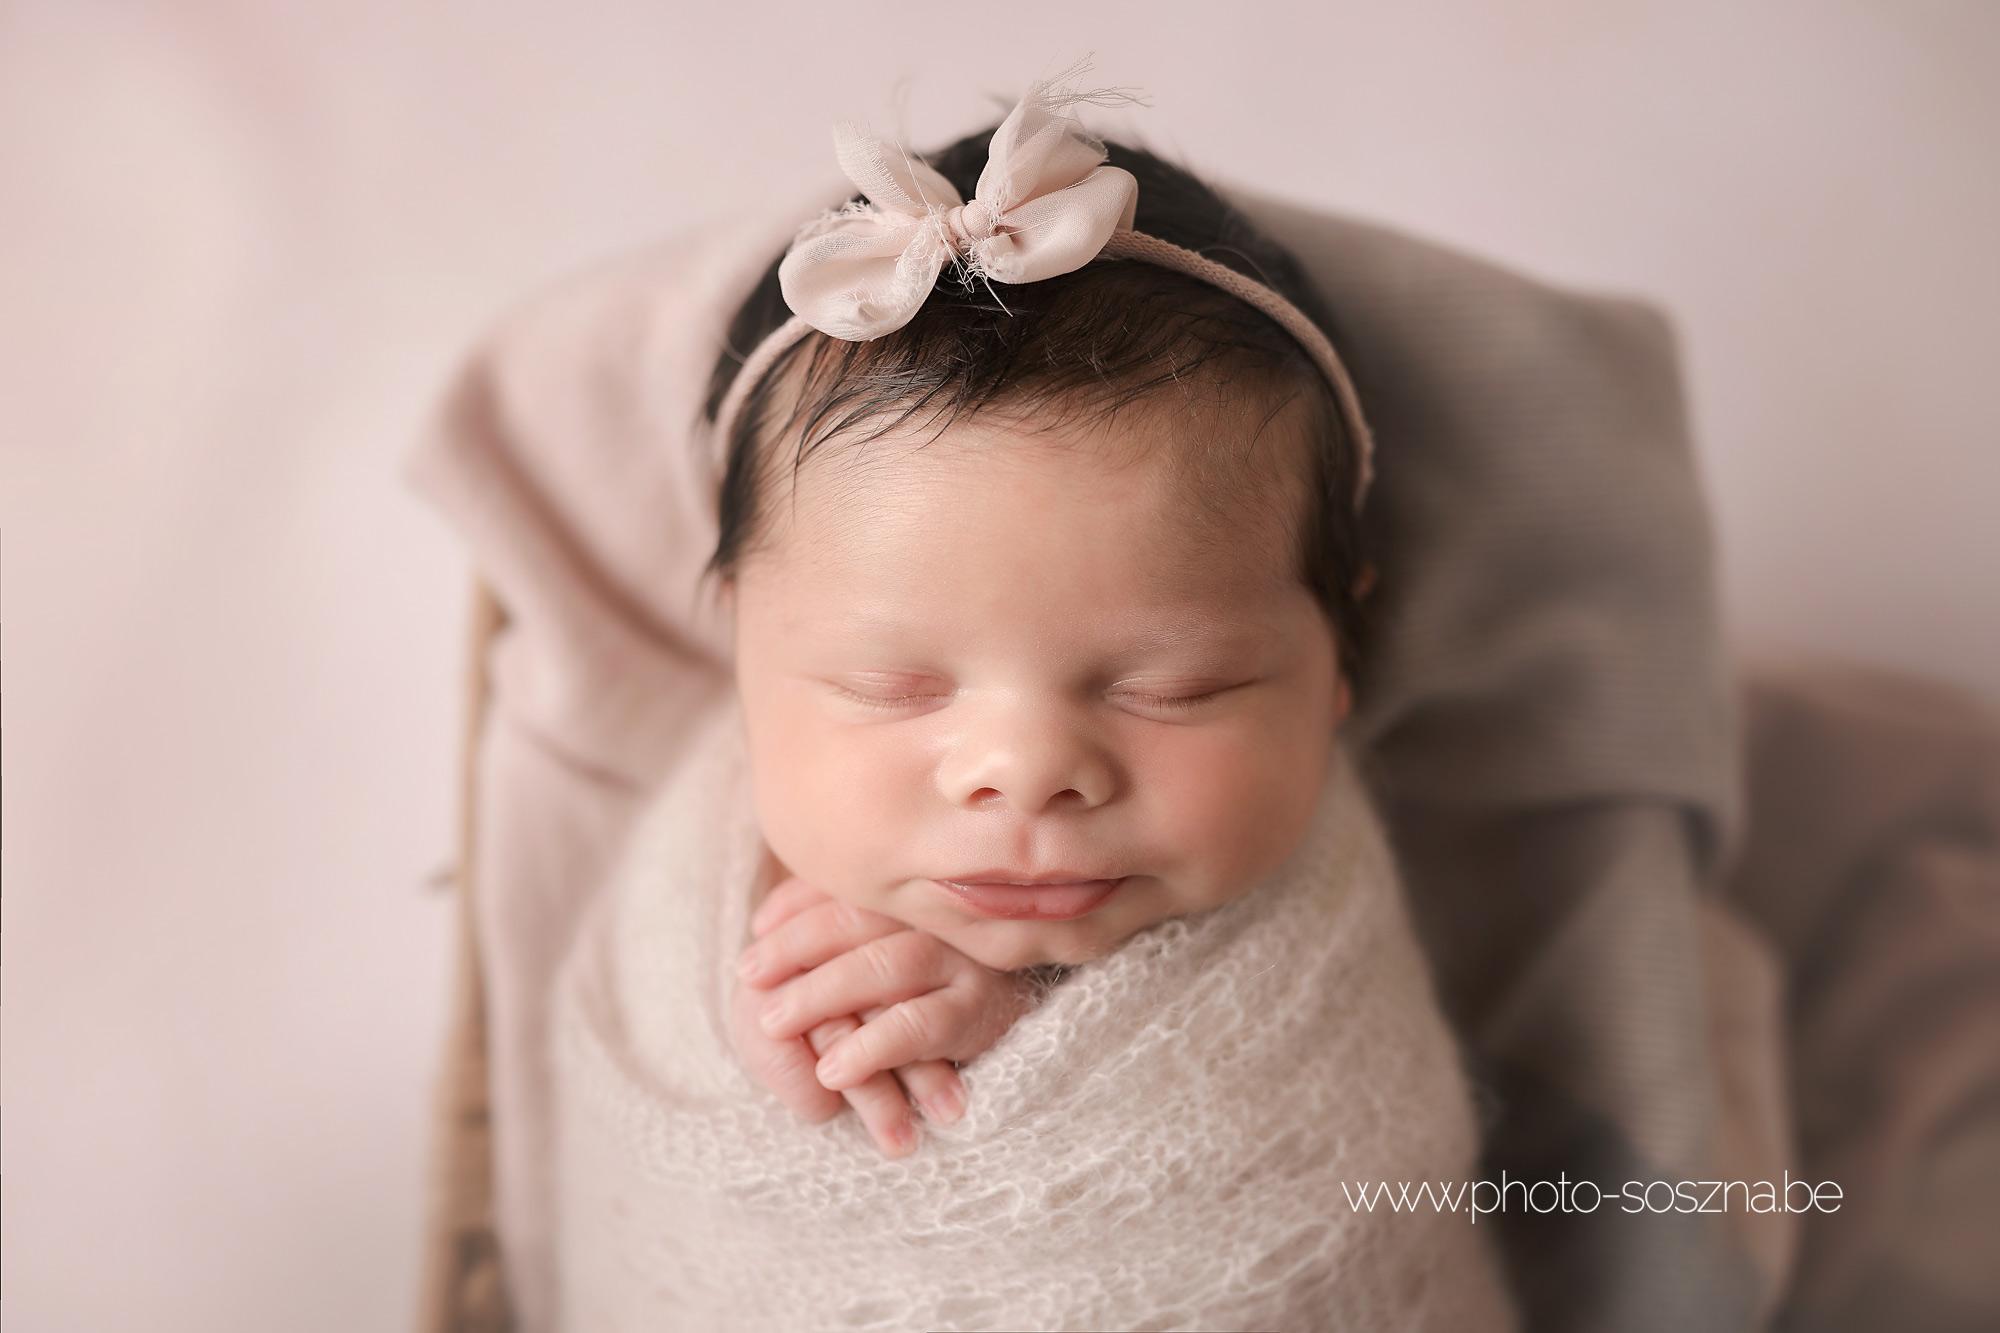 photographe maternité bébé naissance Belgique